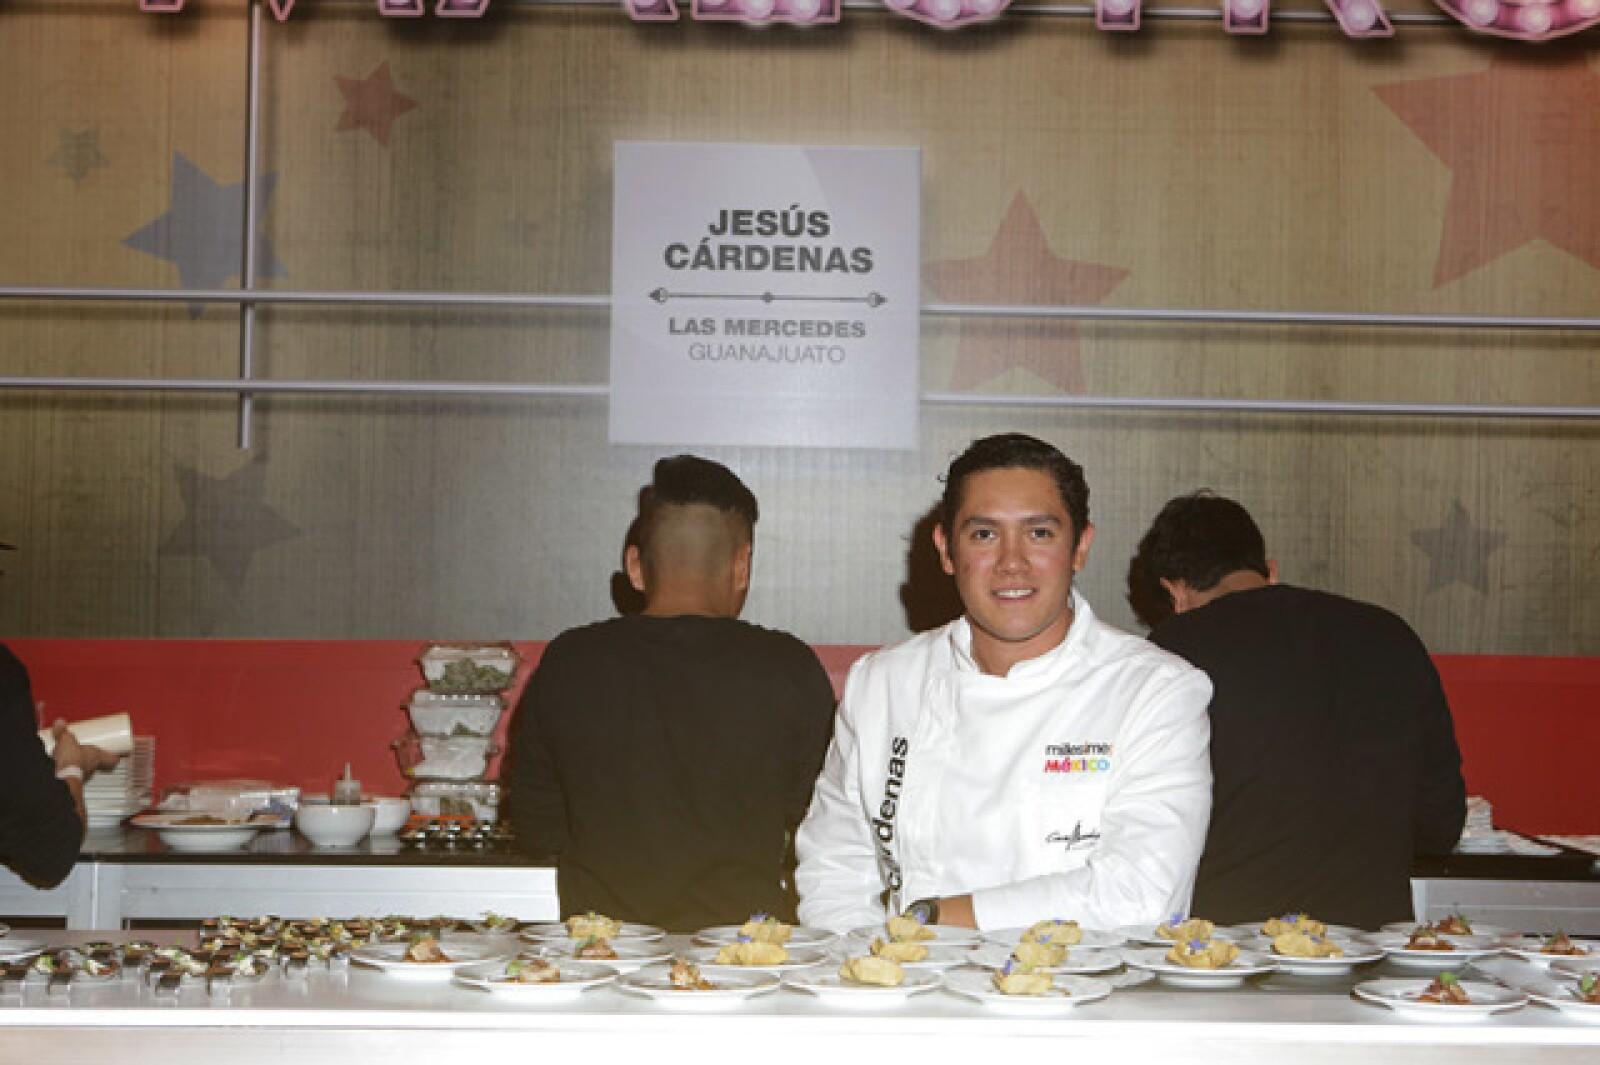 Jesus Cárdenas